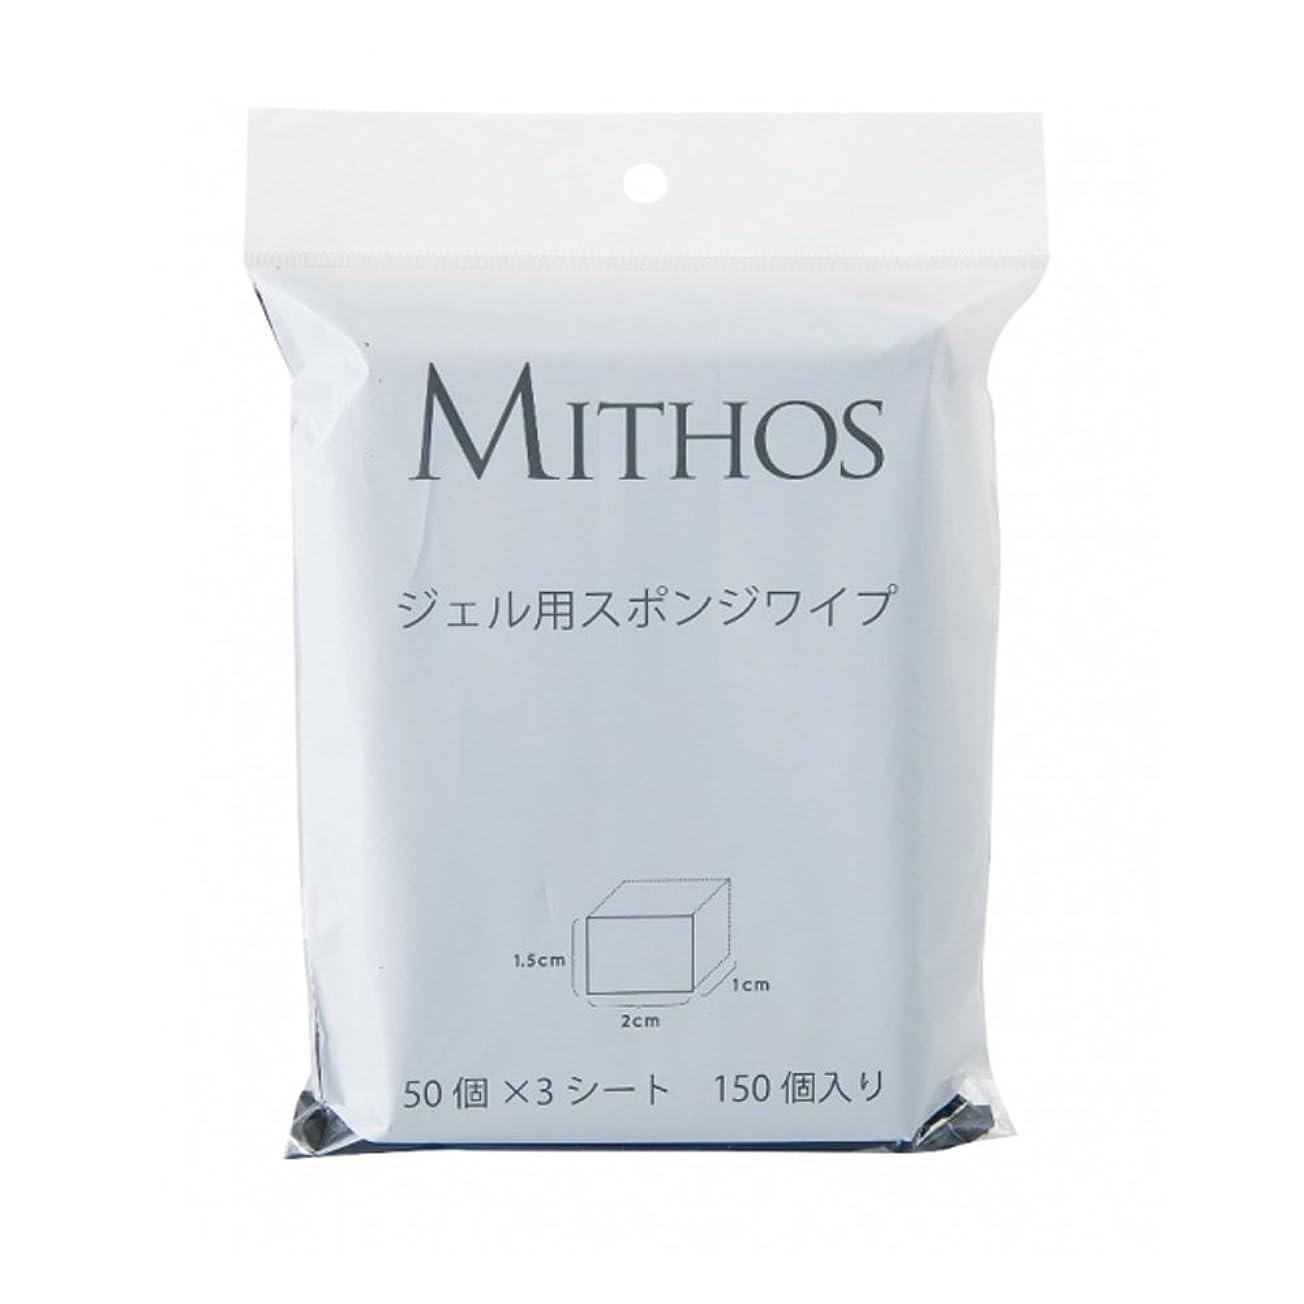 アスペクト打倒第MITHOS ジェル用スポンジワイプ 150P 1.5×2×1cm 50個×3シート